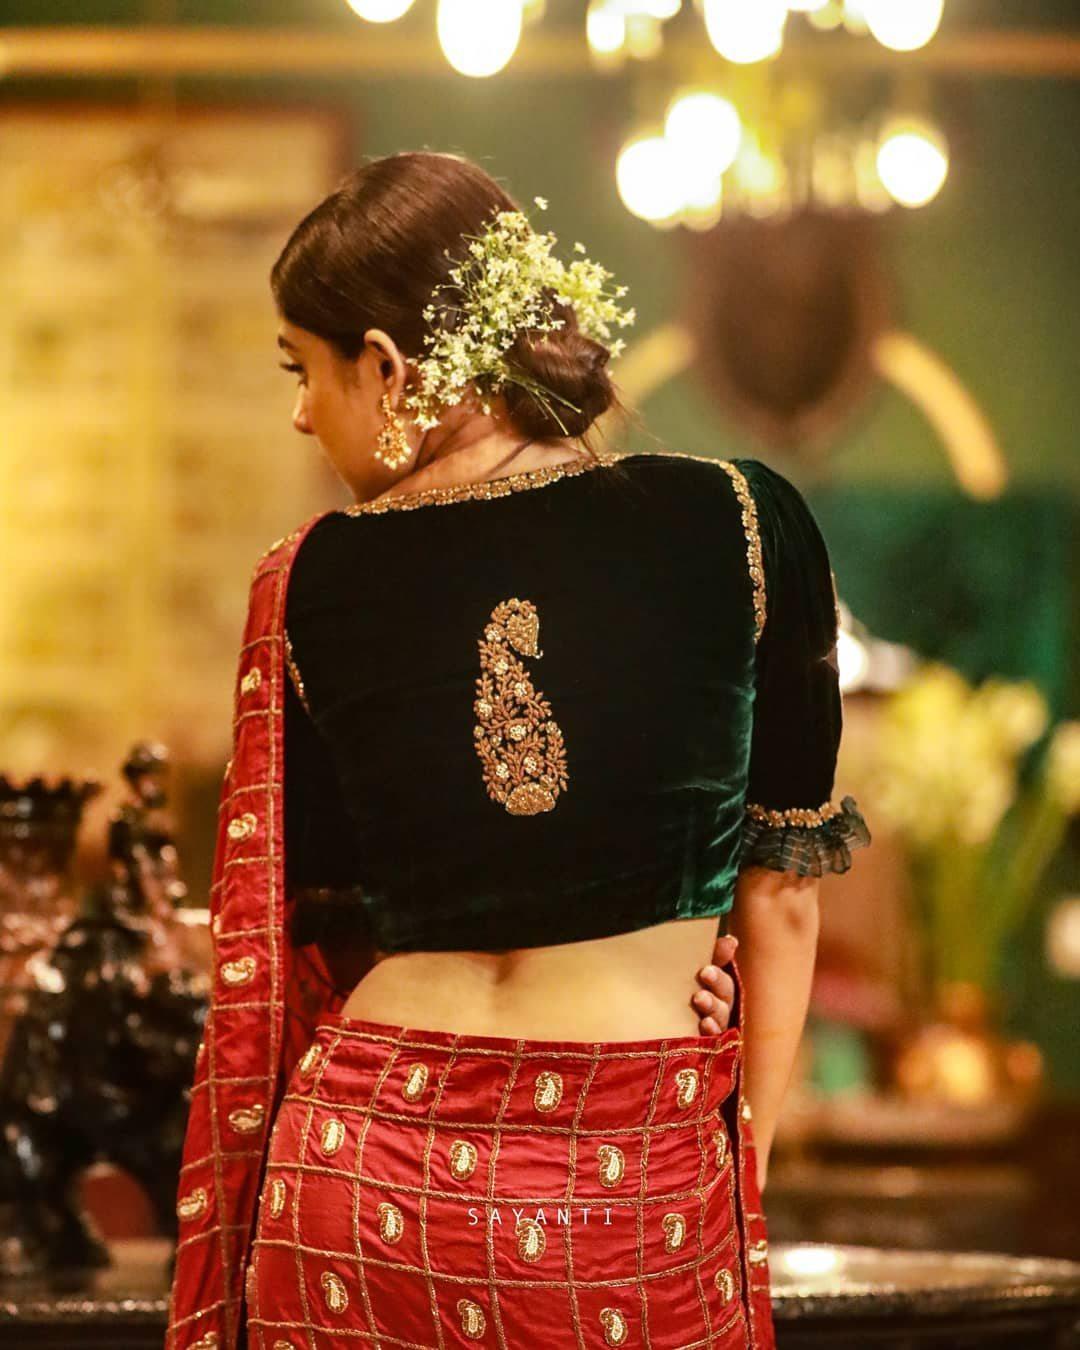 Organza frilled velvet blouse-Sayanti ghosh-1